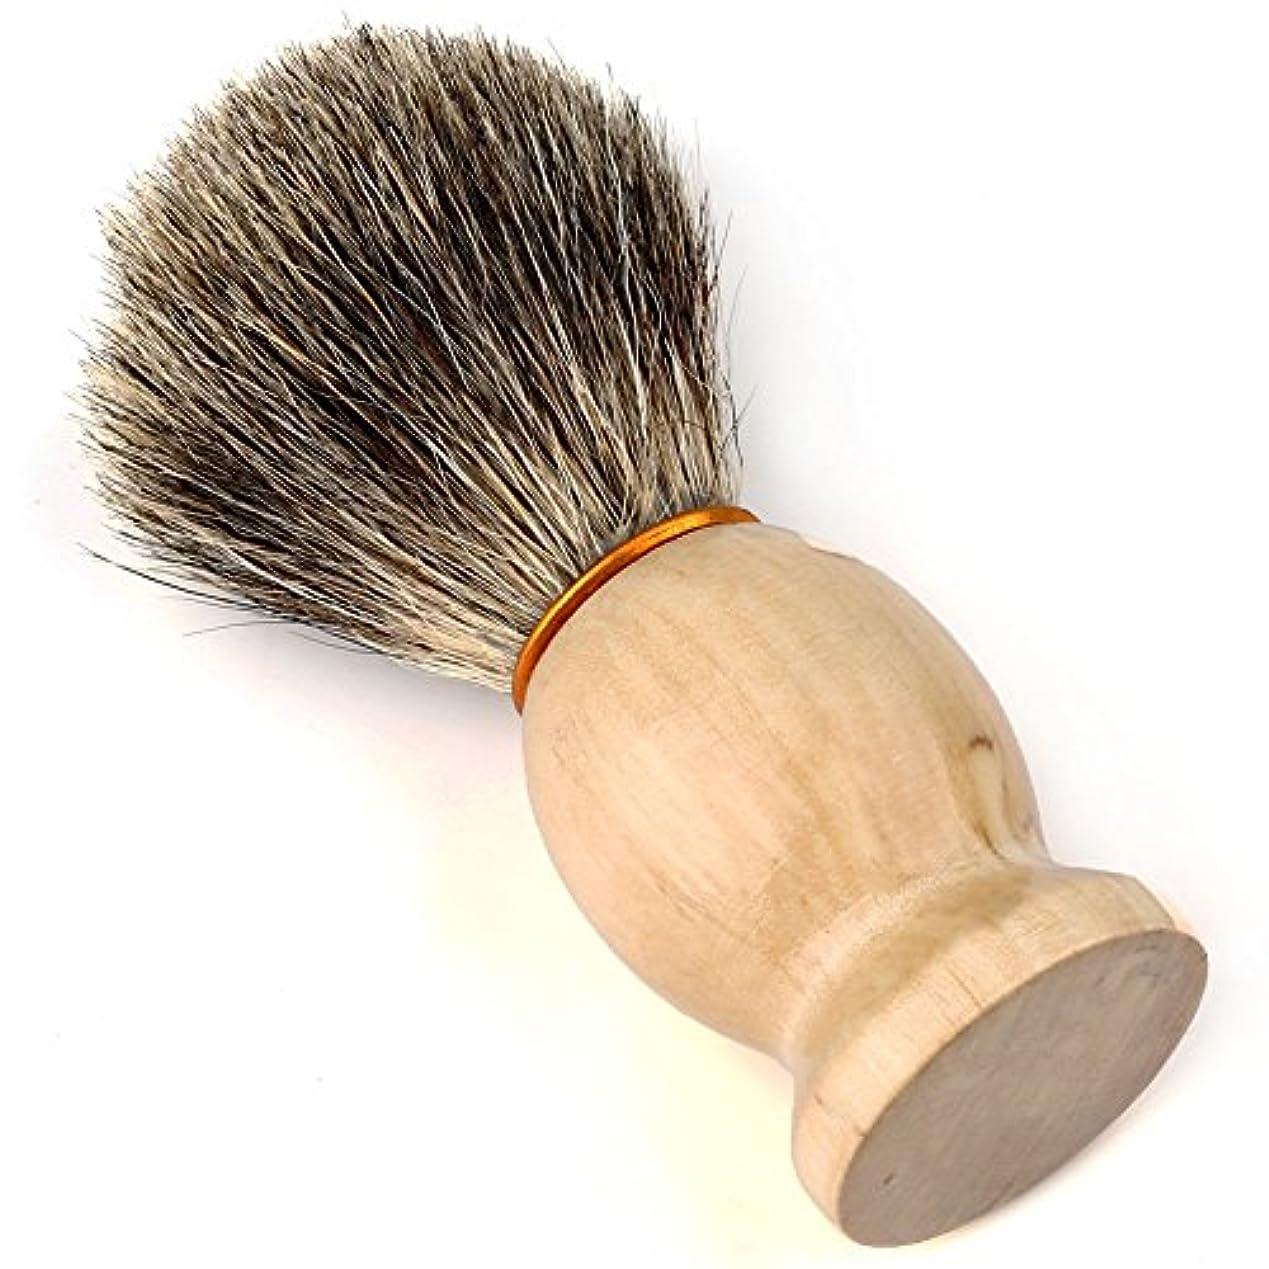 アリーナ振幅特殊Easy Raku®ひげブラシ シェービングブラシ アナグマ毛 髭剃り 泡立ち メンズ シェービングブラシ(ブラシだけ)